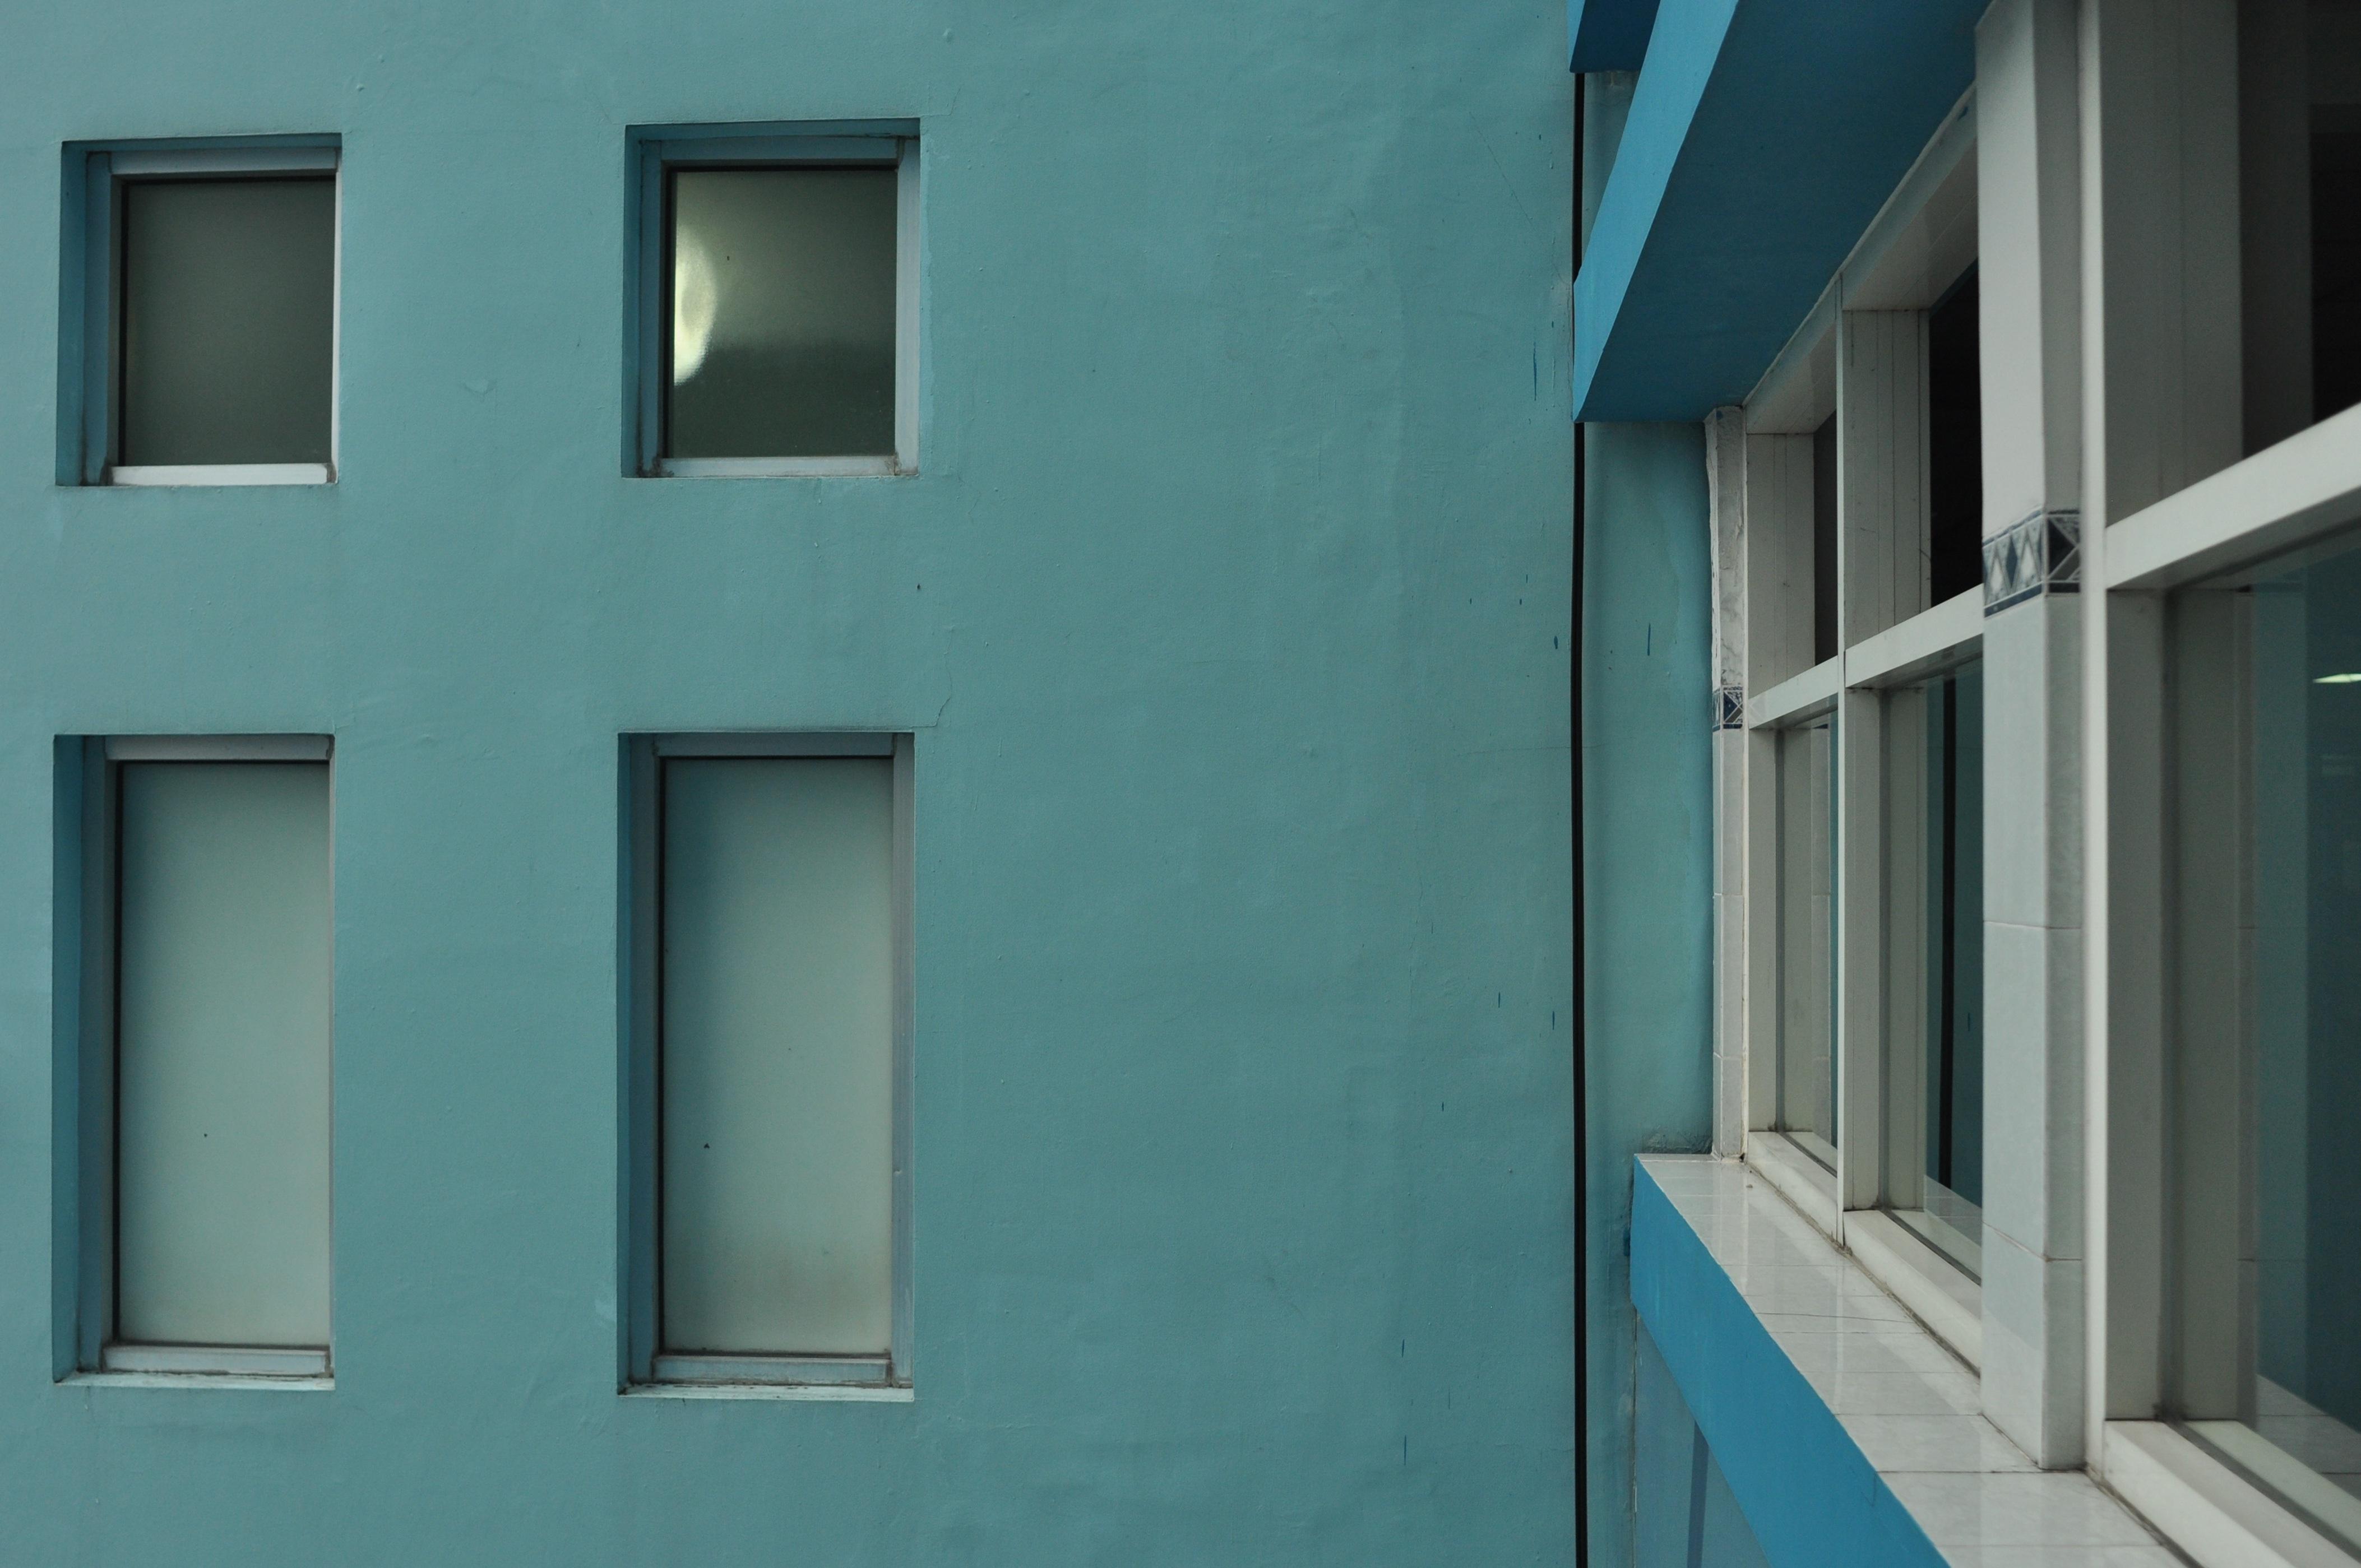 Immagini belle architettura casa parete colore facciata blu porta interior design - Finestre a ghigliottina ...